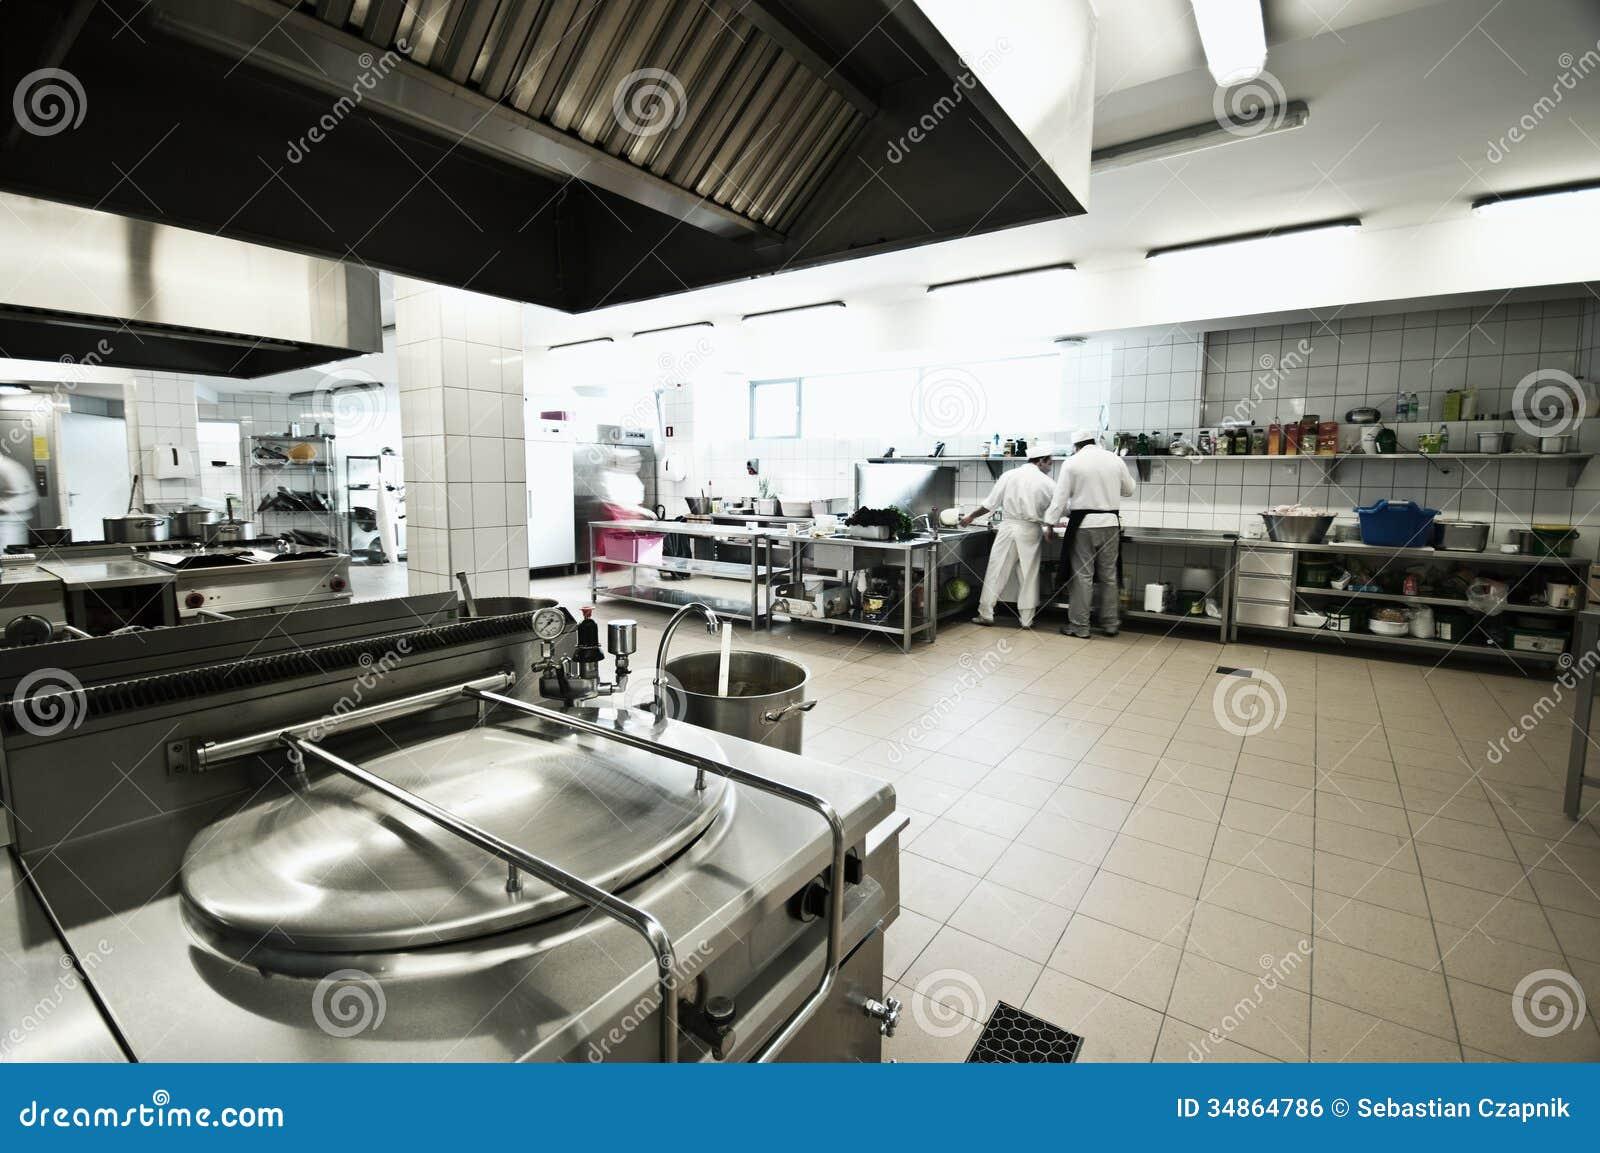 Industriele Keuken Industrial : Industriële keuken stock foto. afbeelding bestaande uit motie 34864786